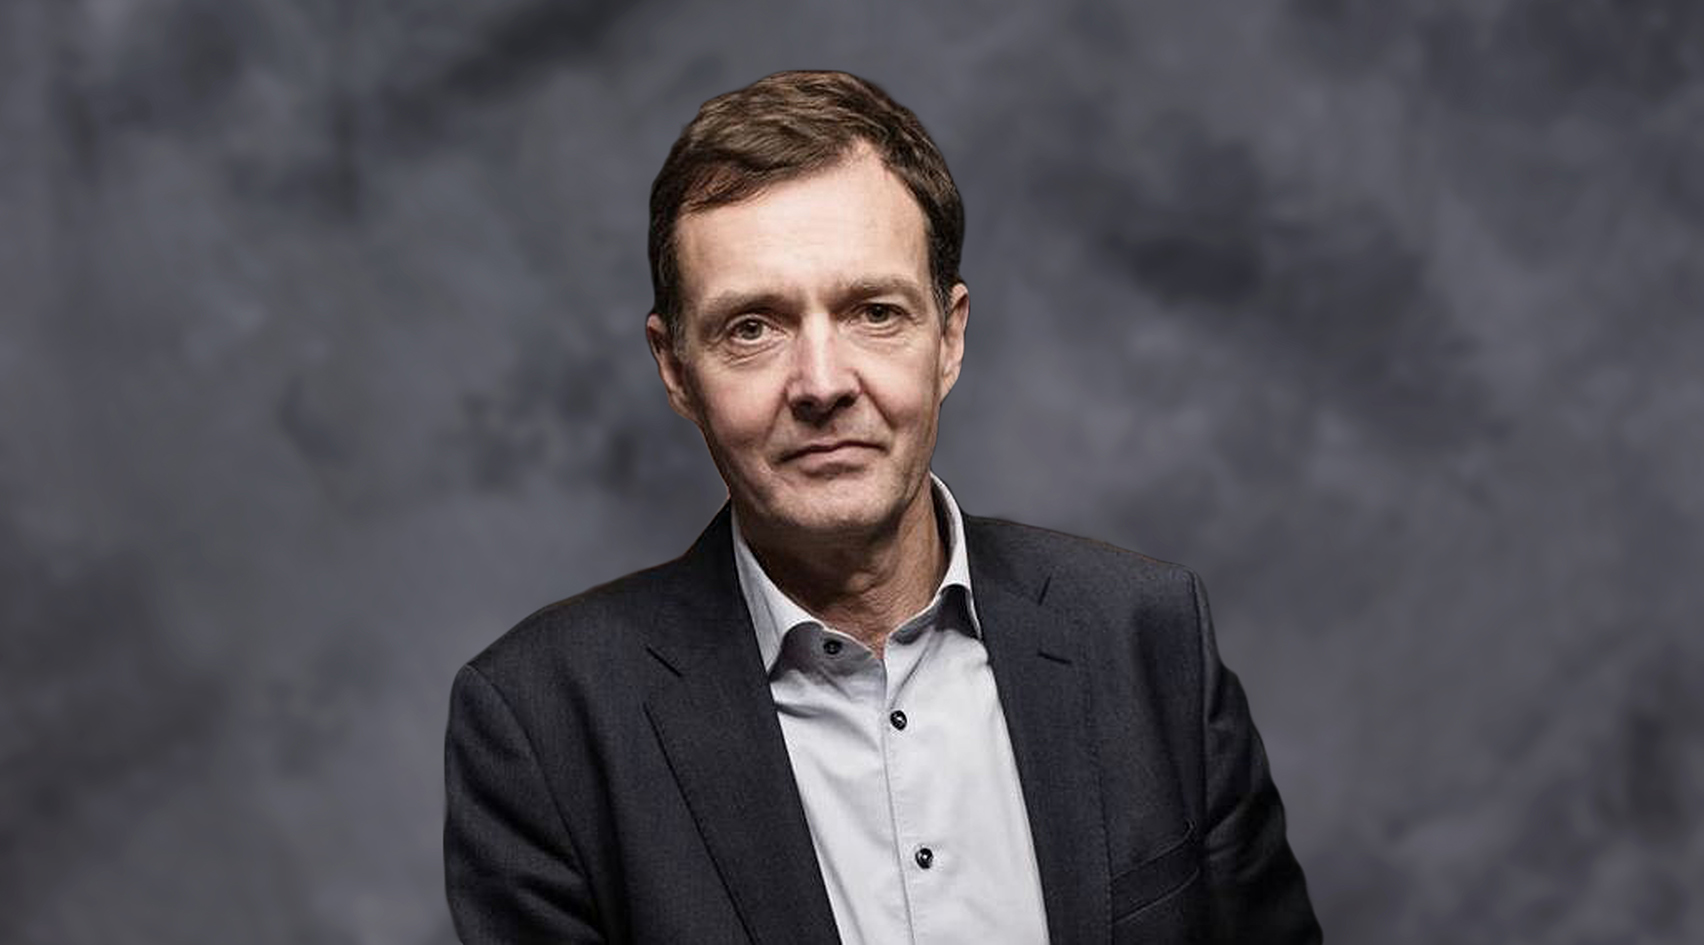 Carsten Nørland skifter til september sit nuværende topjob ud hos Danmarks næststørste bryggerigruppe for at blive administrerende direktør for Scandlines. Pressefoto fra Scandlines.